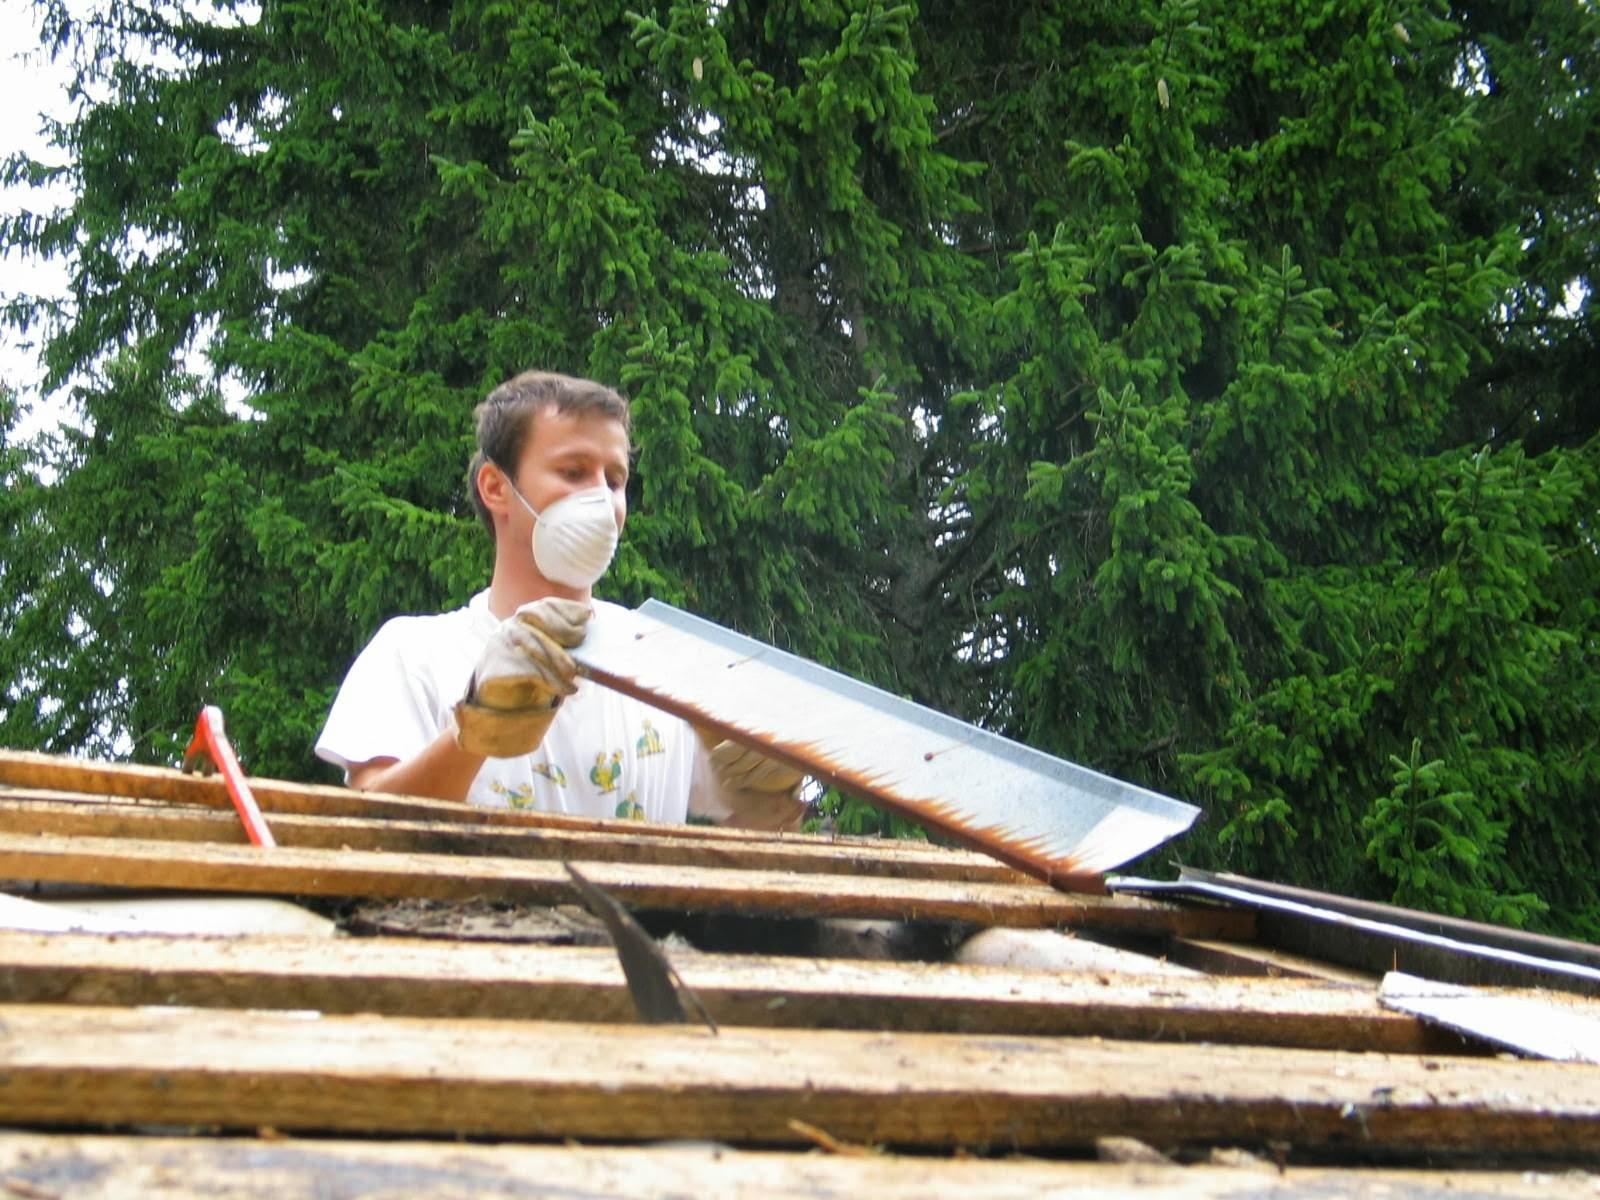 Delovna akcija - Streha, Črni dol 2006 - streha%2B072.jpg